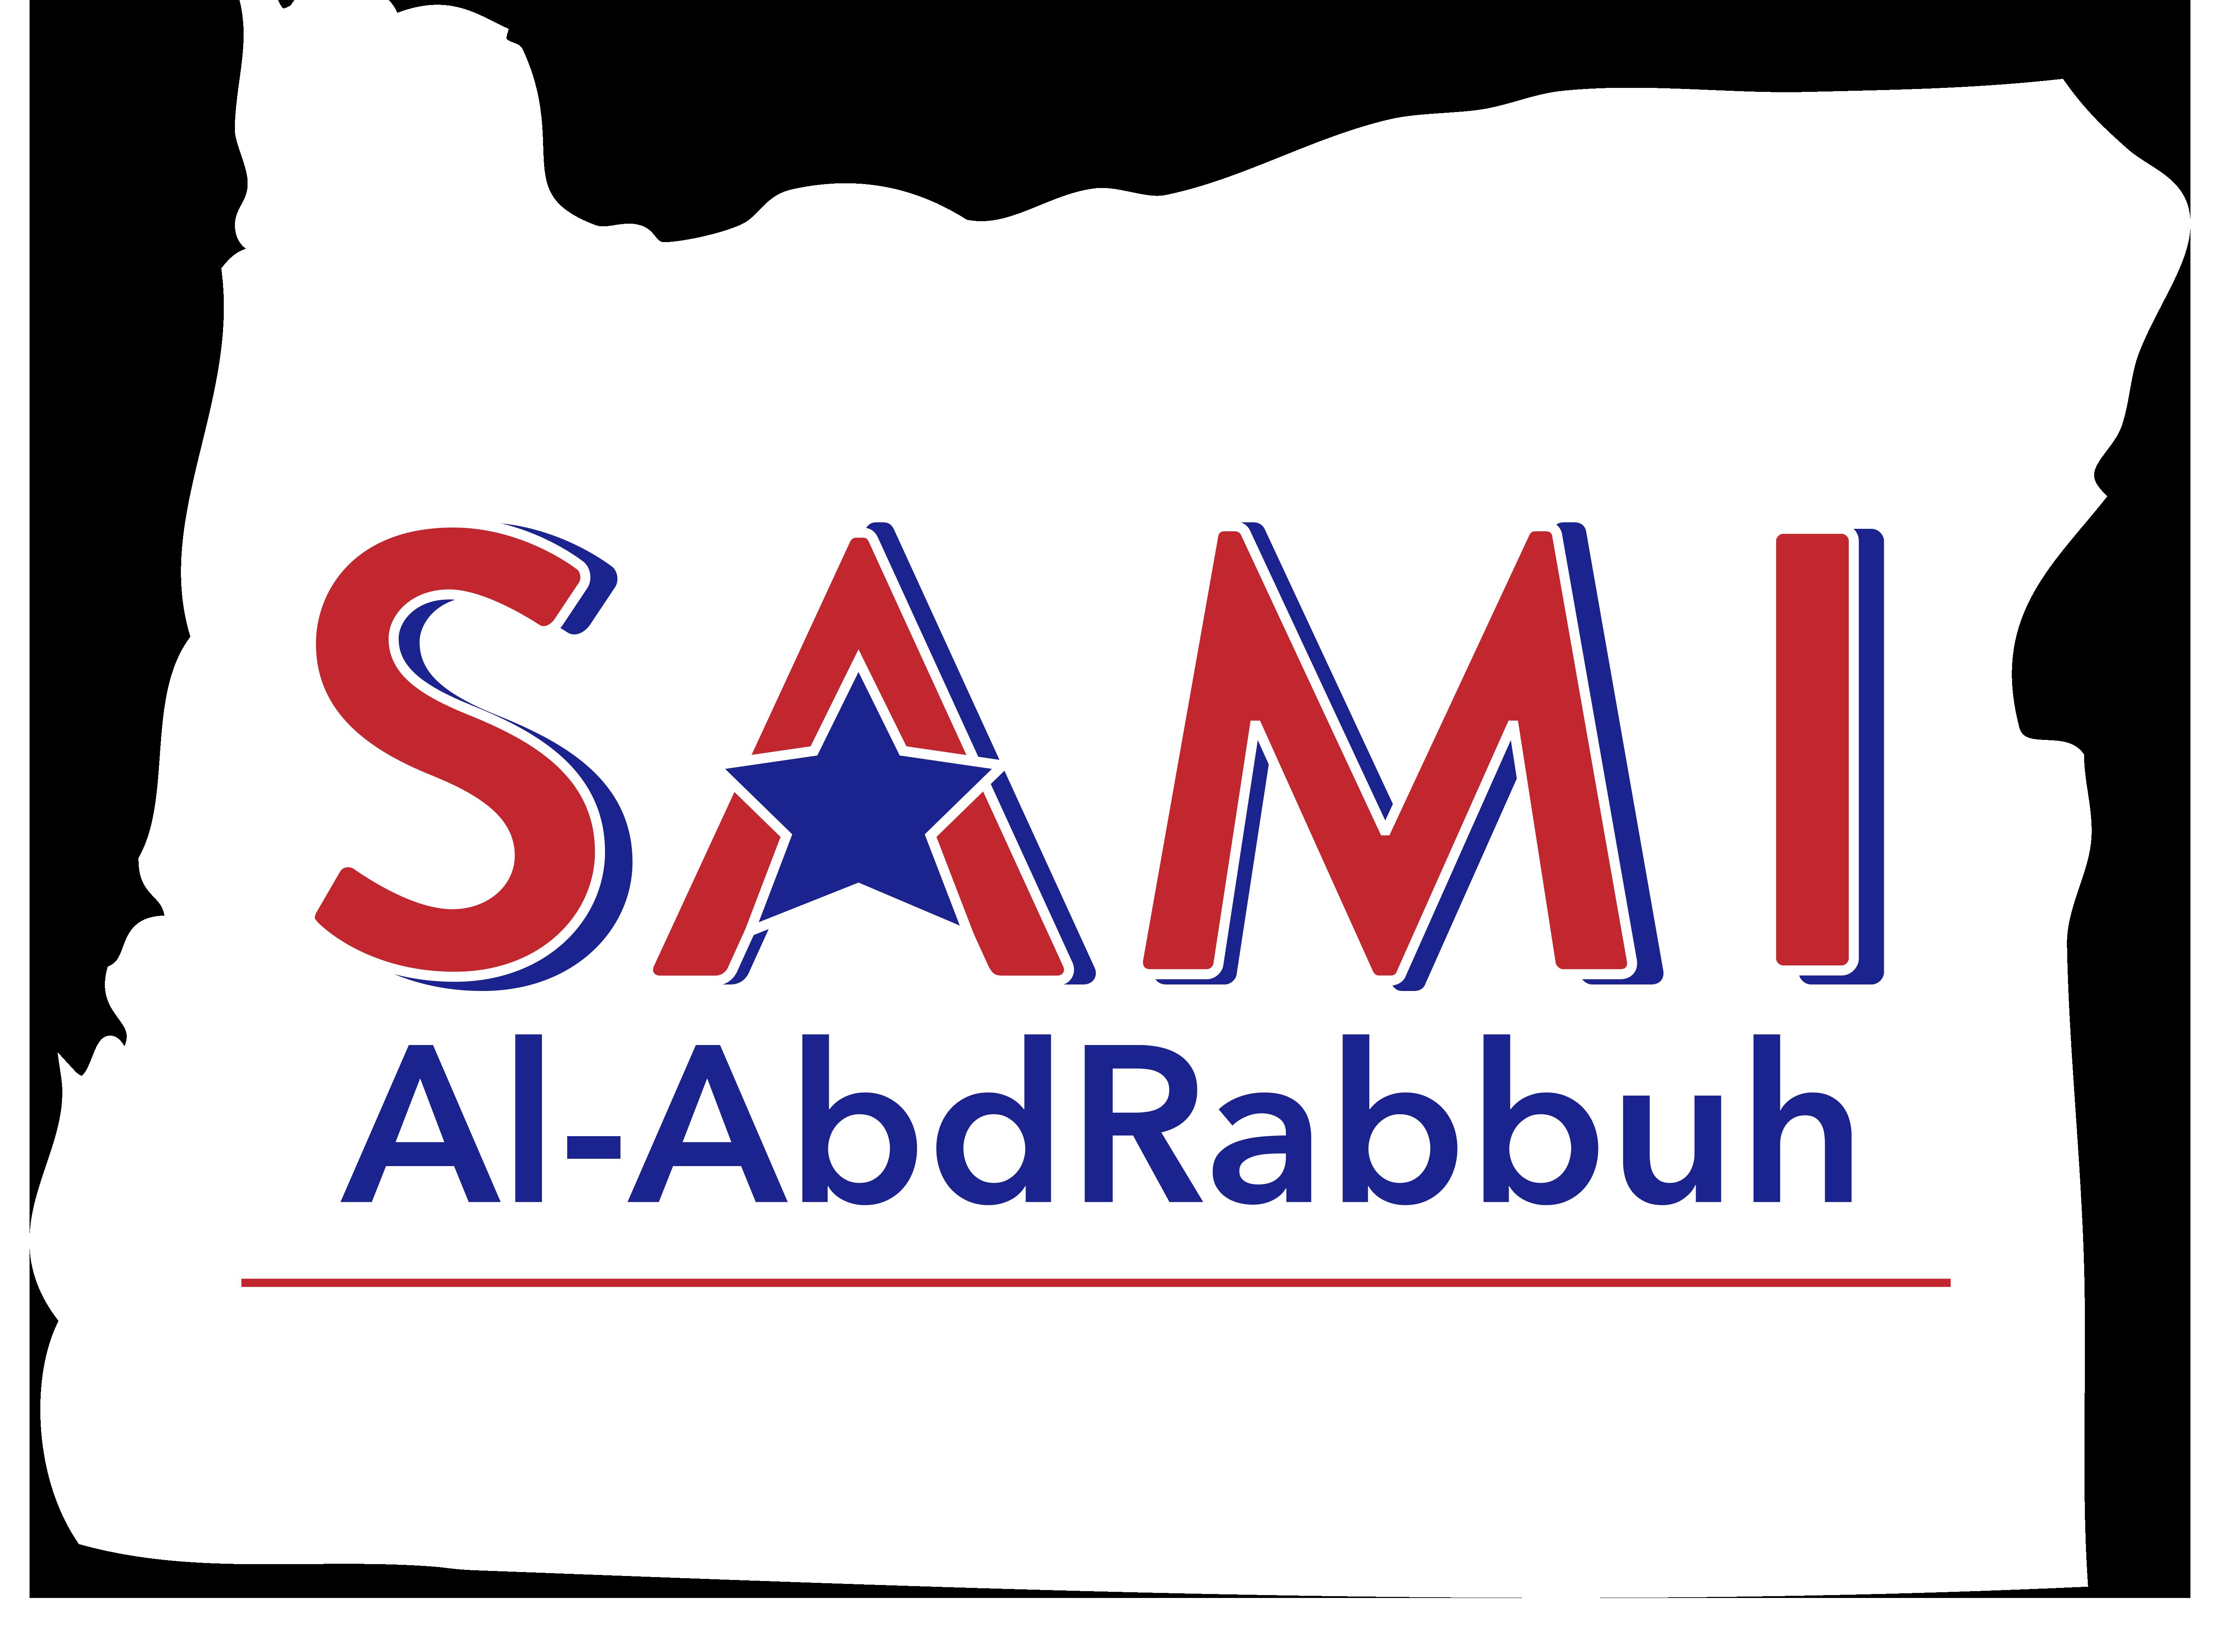 Sami Al-AbdRabbuh